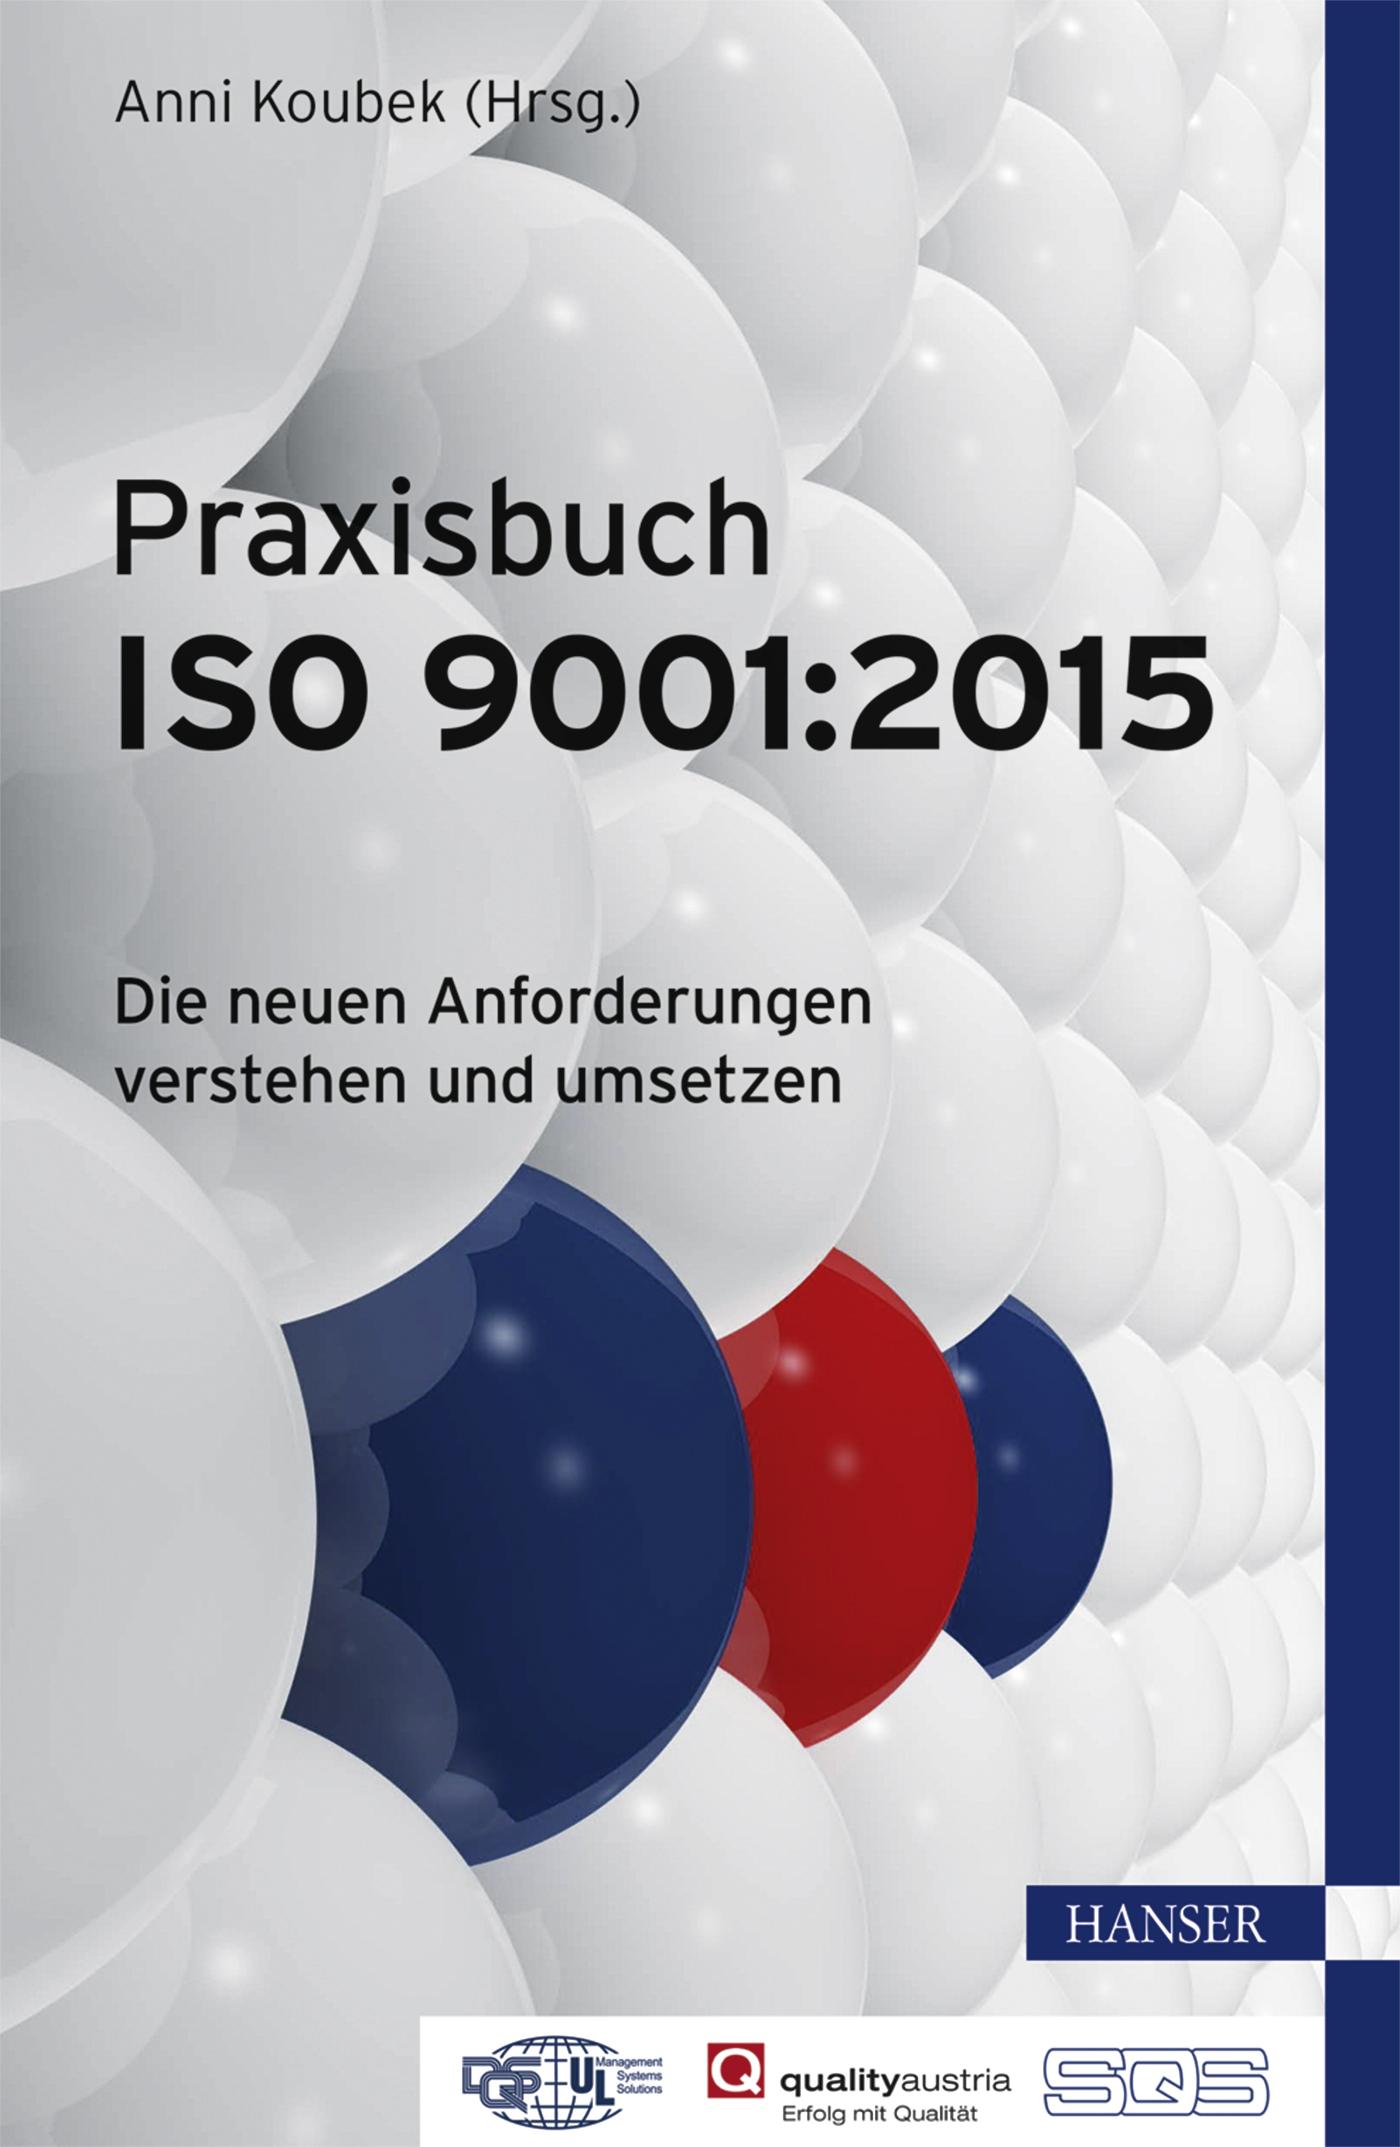 Koubek, Praxisbuch ISO 9001:2015, 978-3-446-44523-9